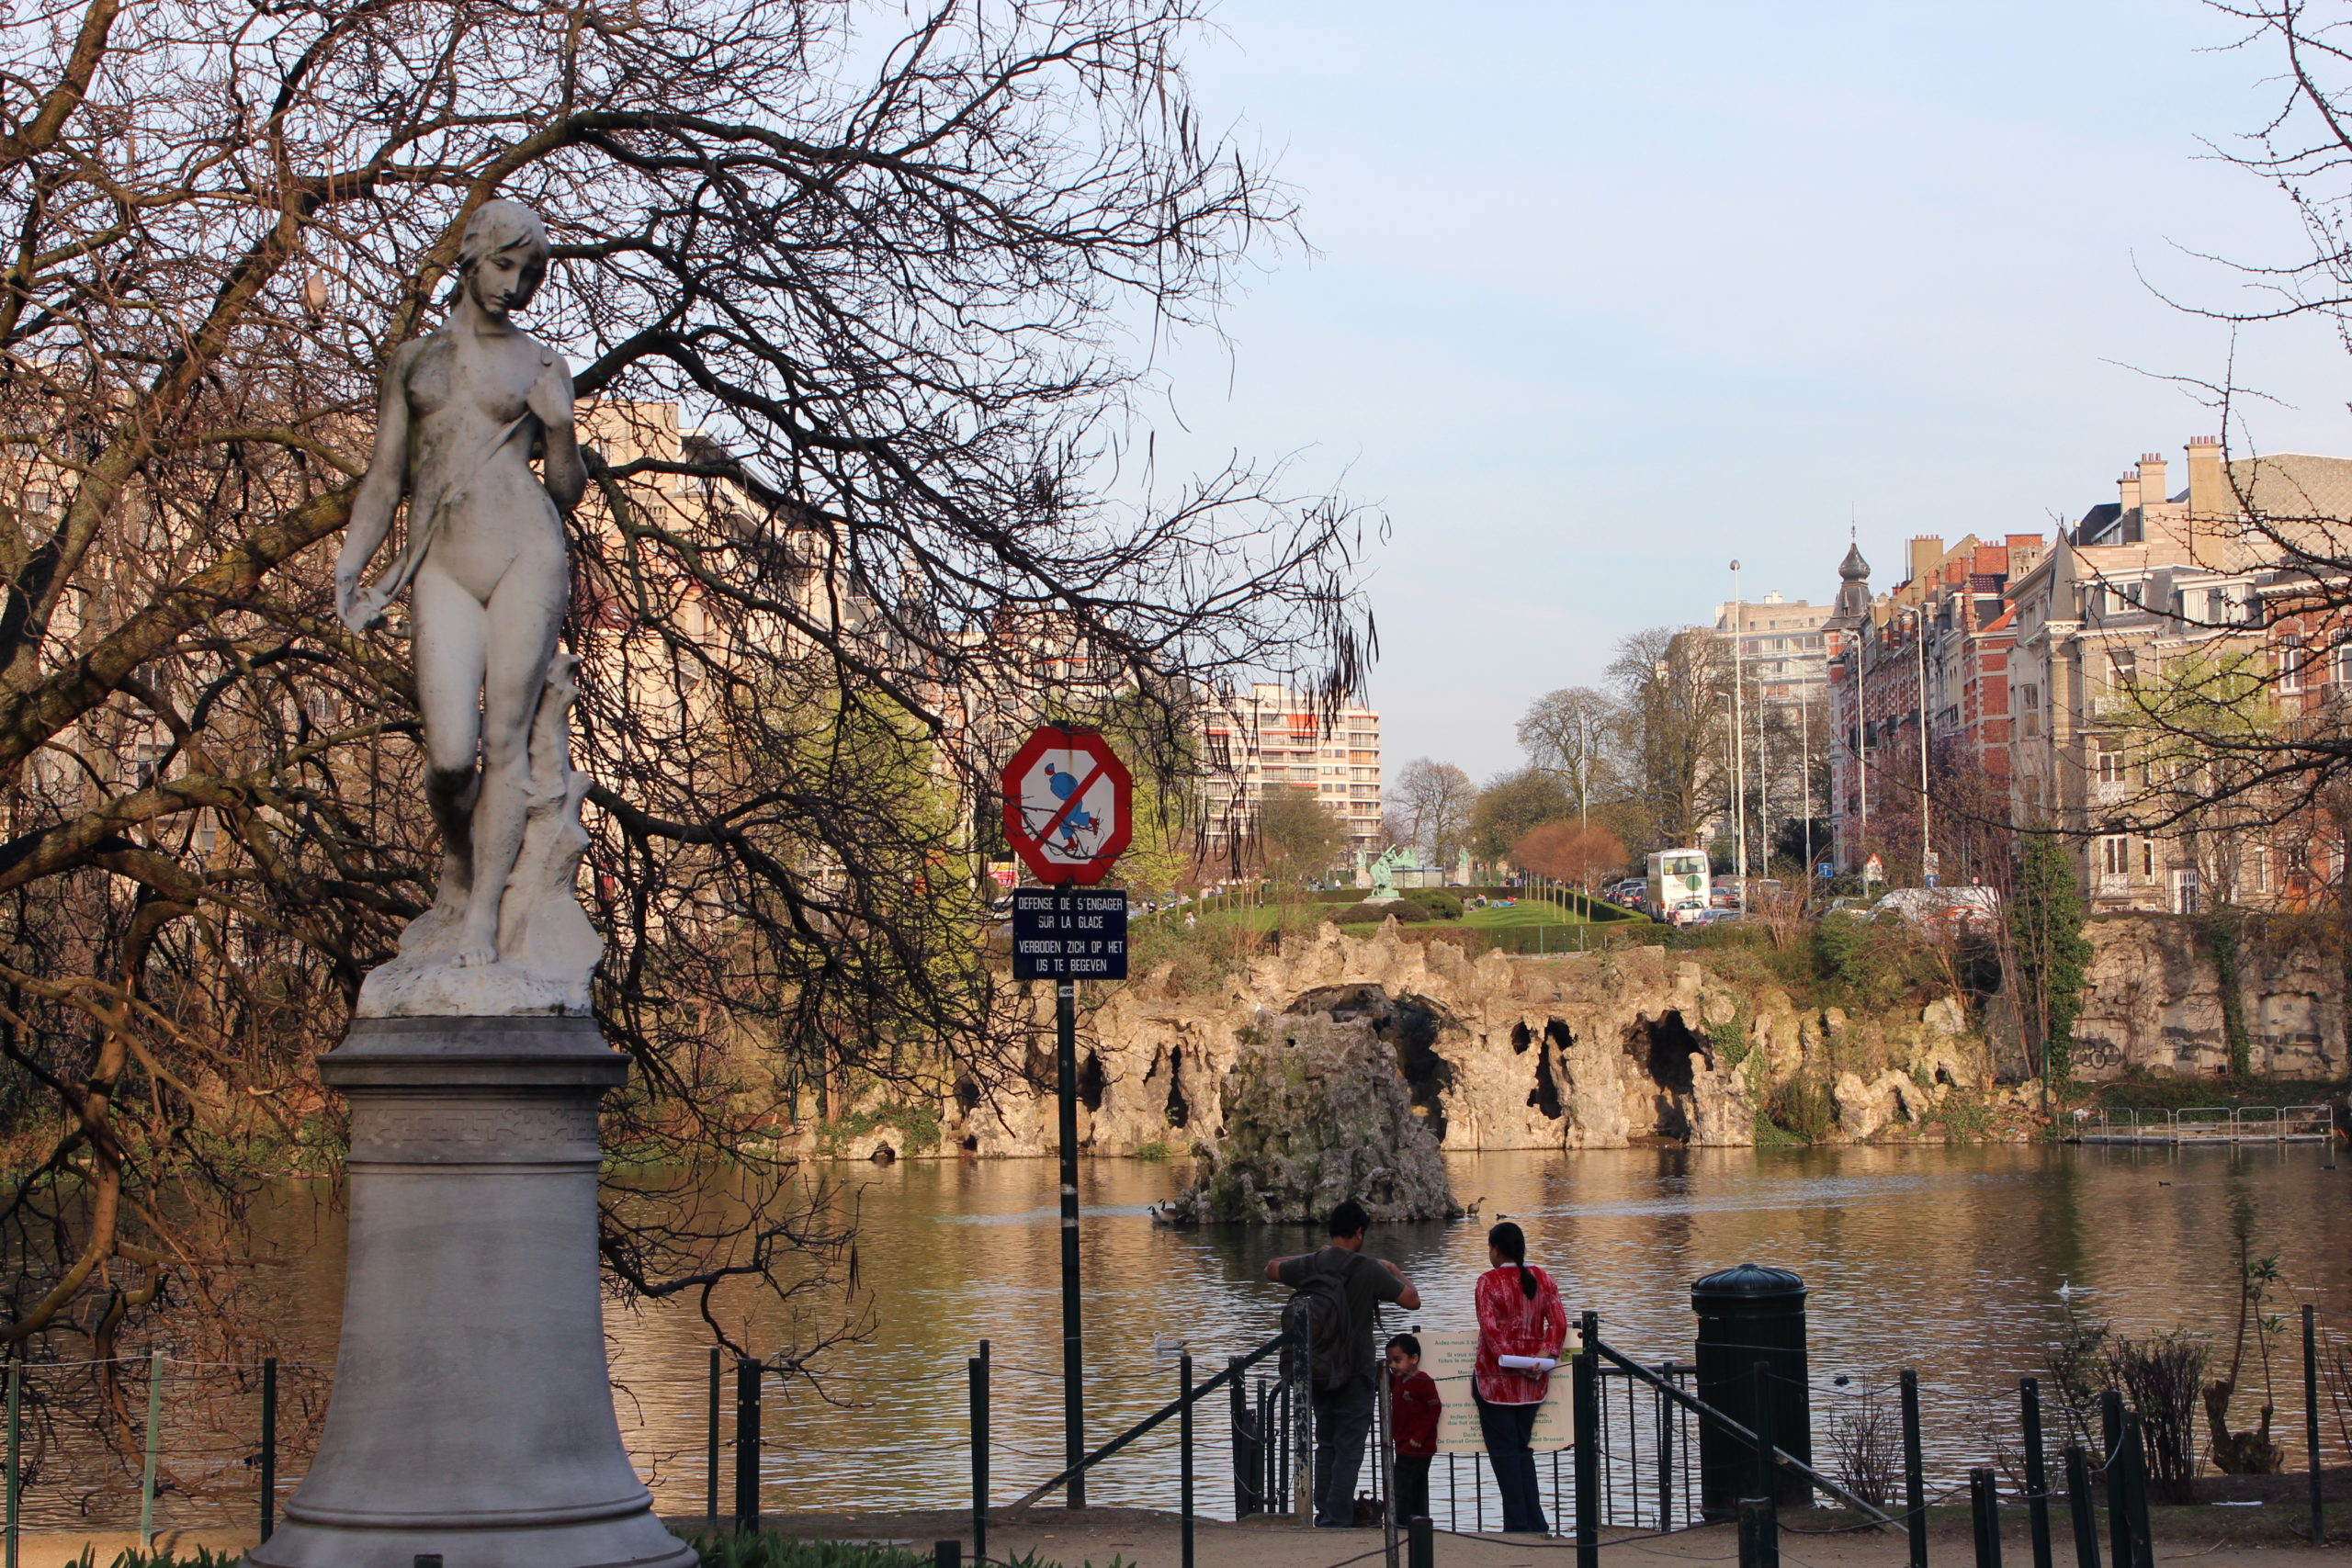 Un projet citoyen pour rendre le Quartier européen plus propre, plus sûr et plus beau